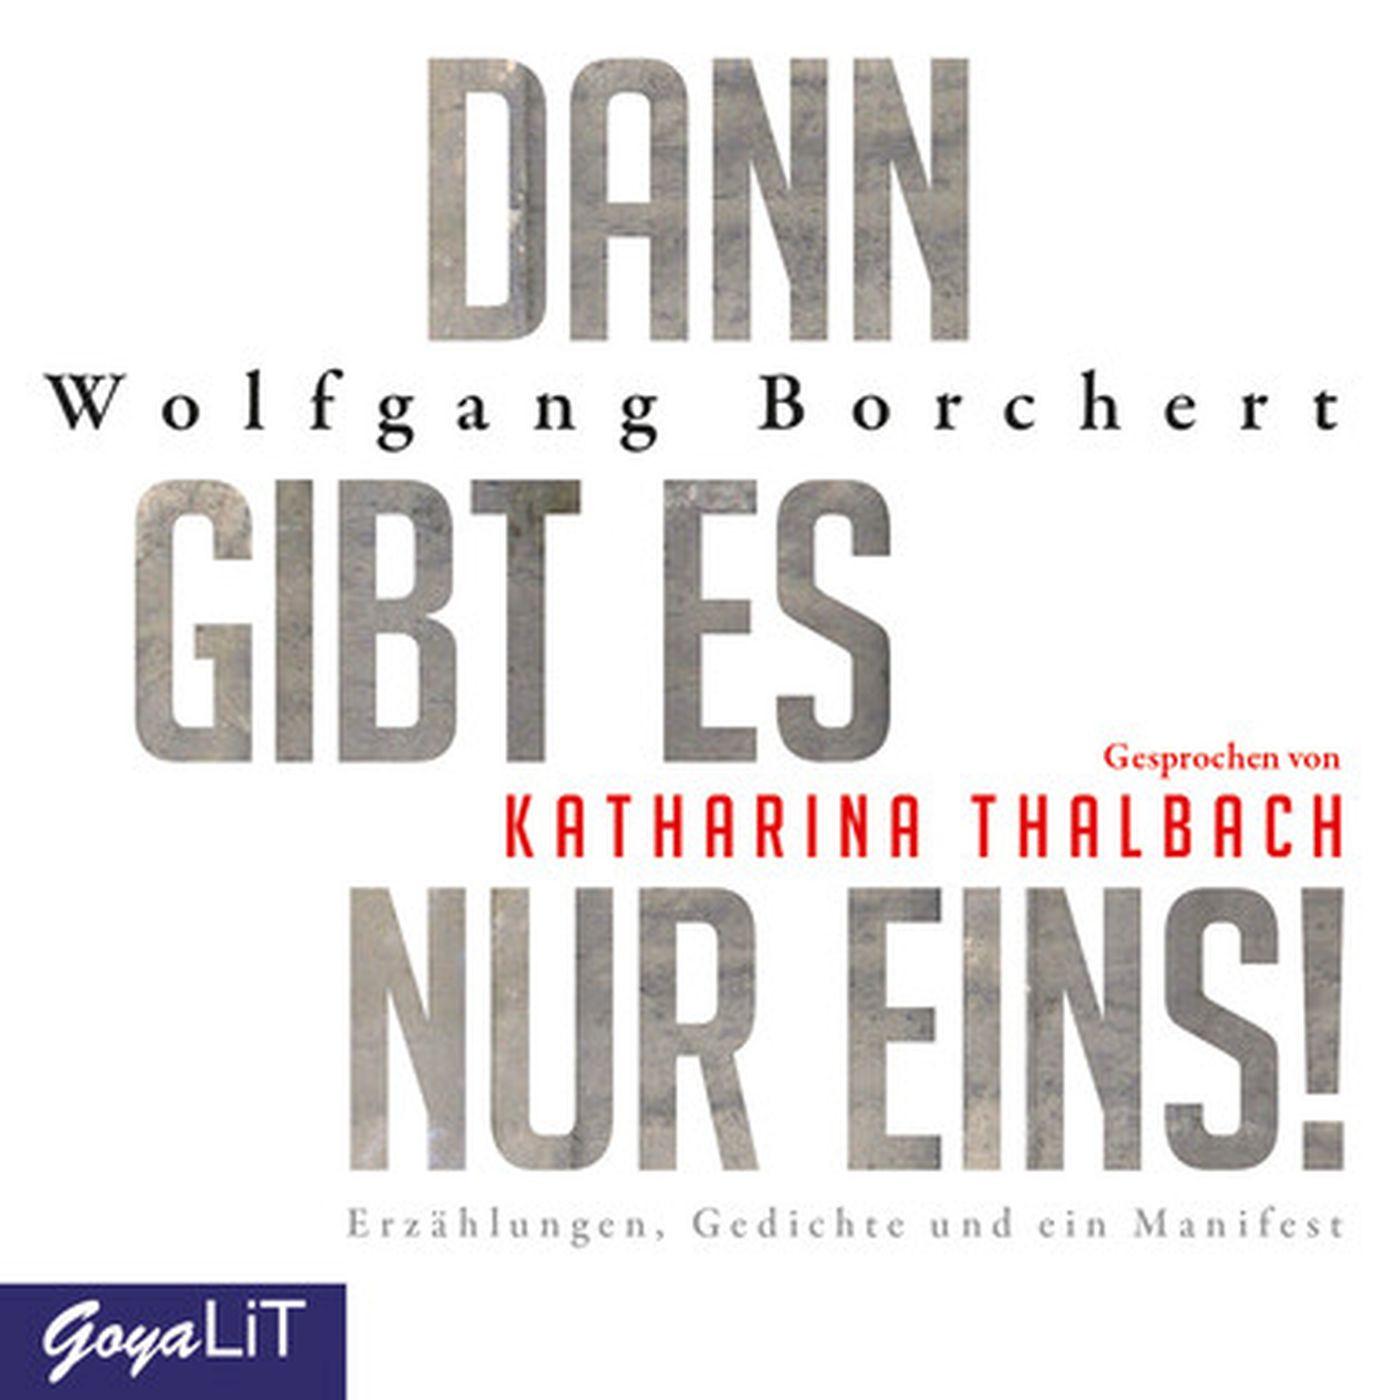 Wolfgang Borchert - Dann gibt es nur eins! Erzählungen, Gedichte und ein Manifest